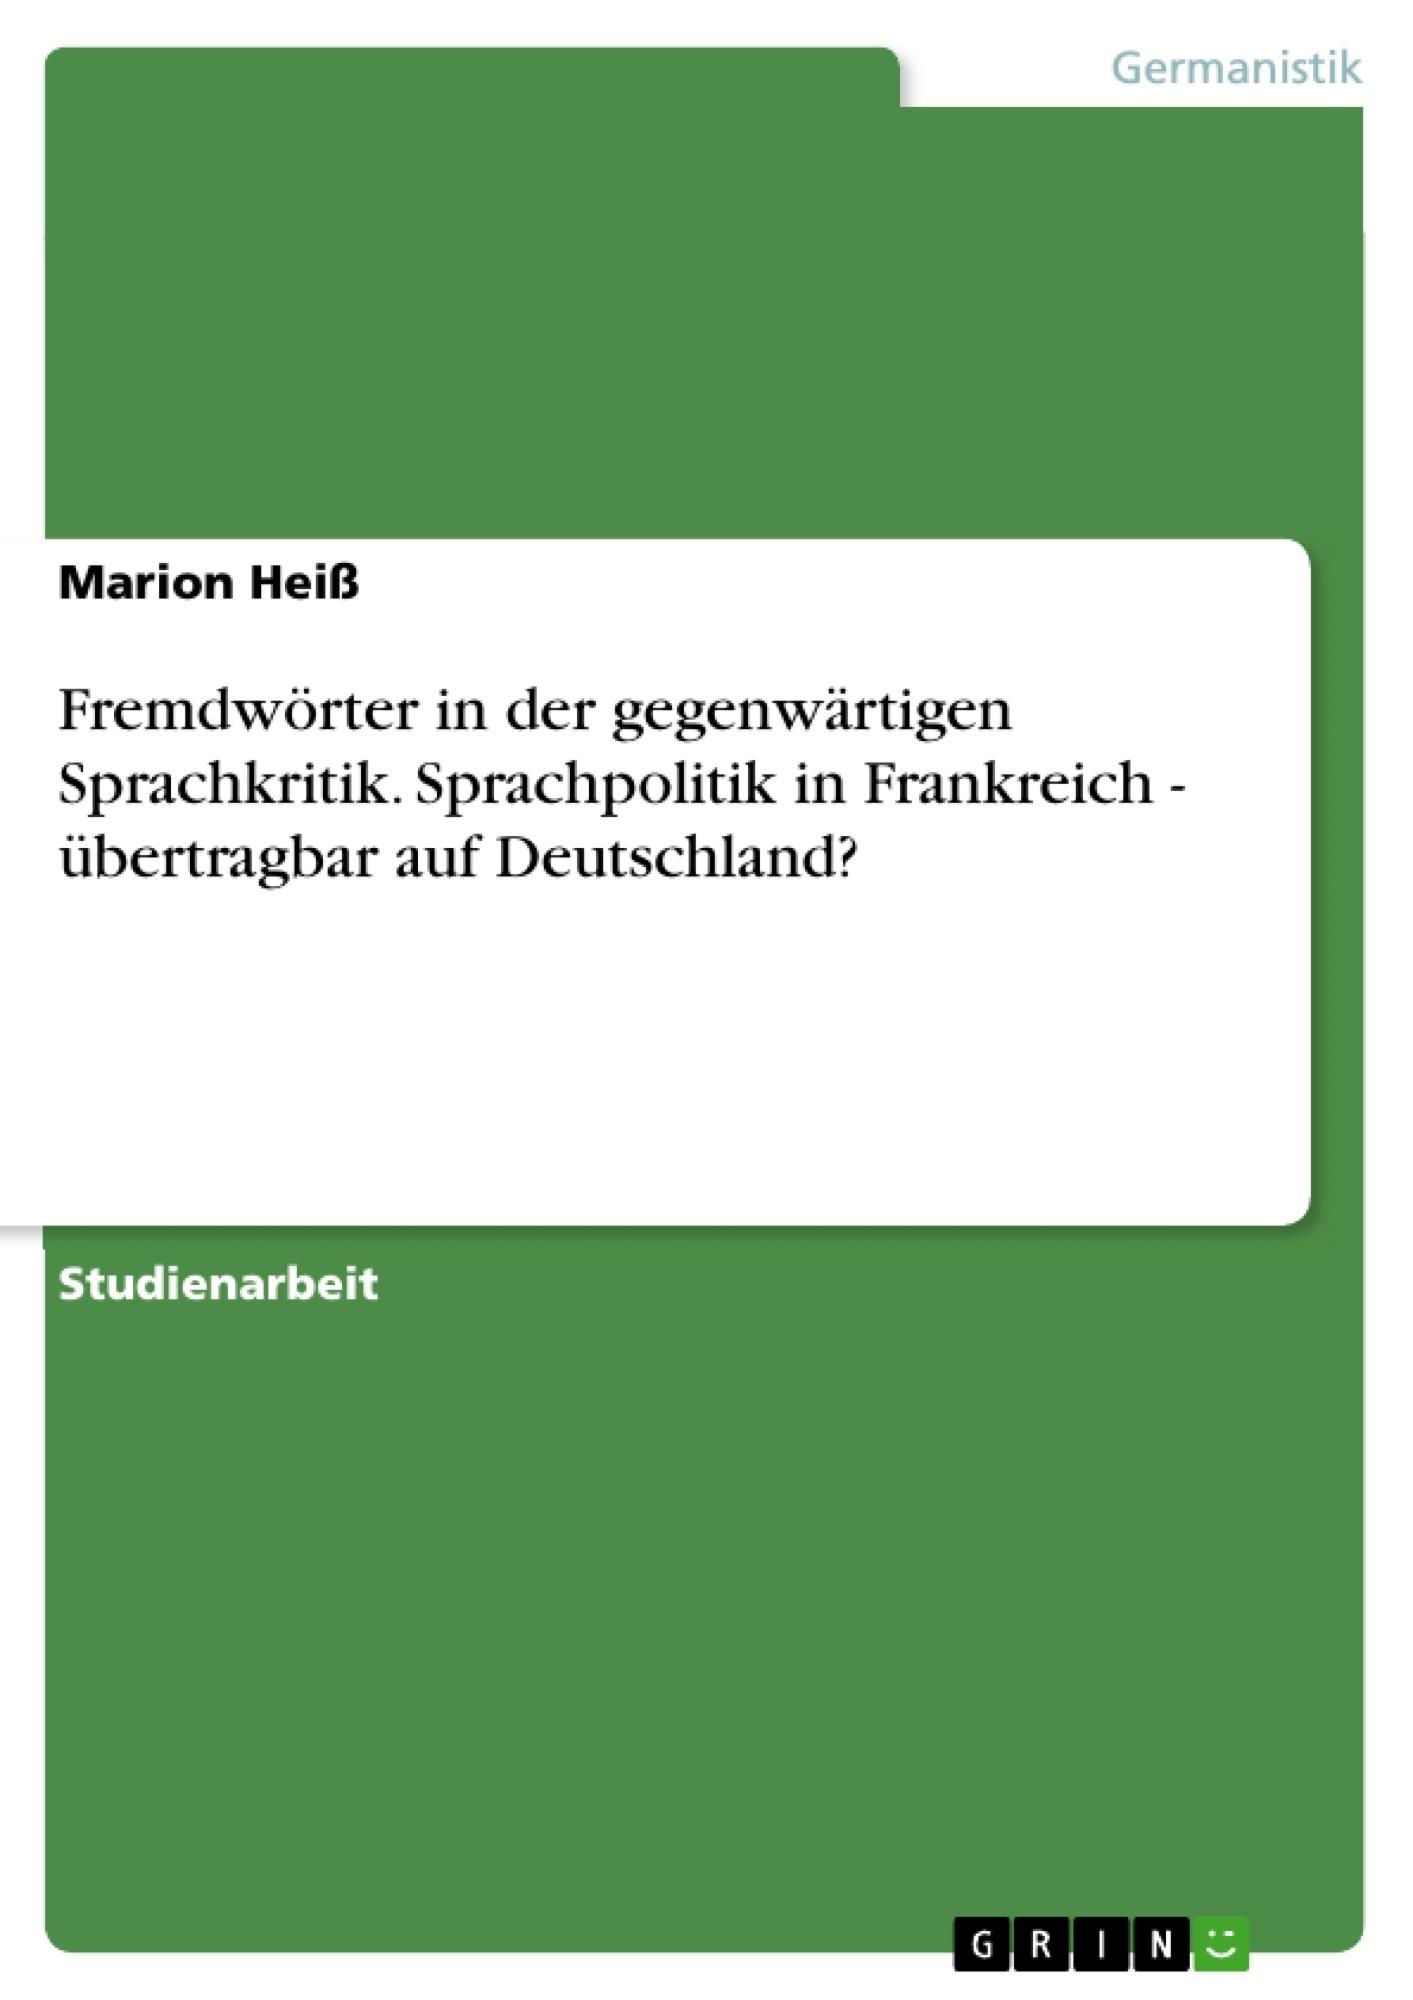 Titel: Fremdwörter in der gegenwärtigen Sprachkritik. Sprachpolitik in Frankreich - übertragbar auf Deutschland?